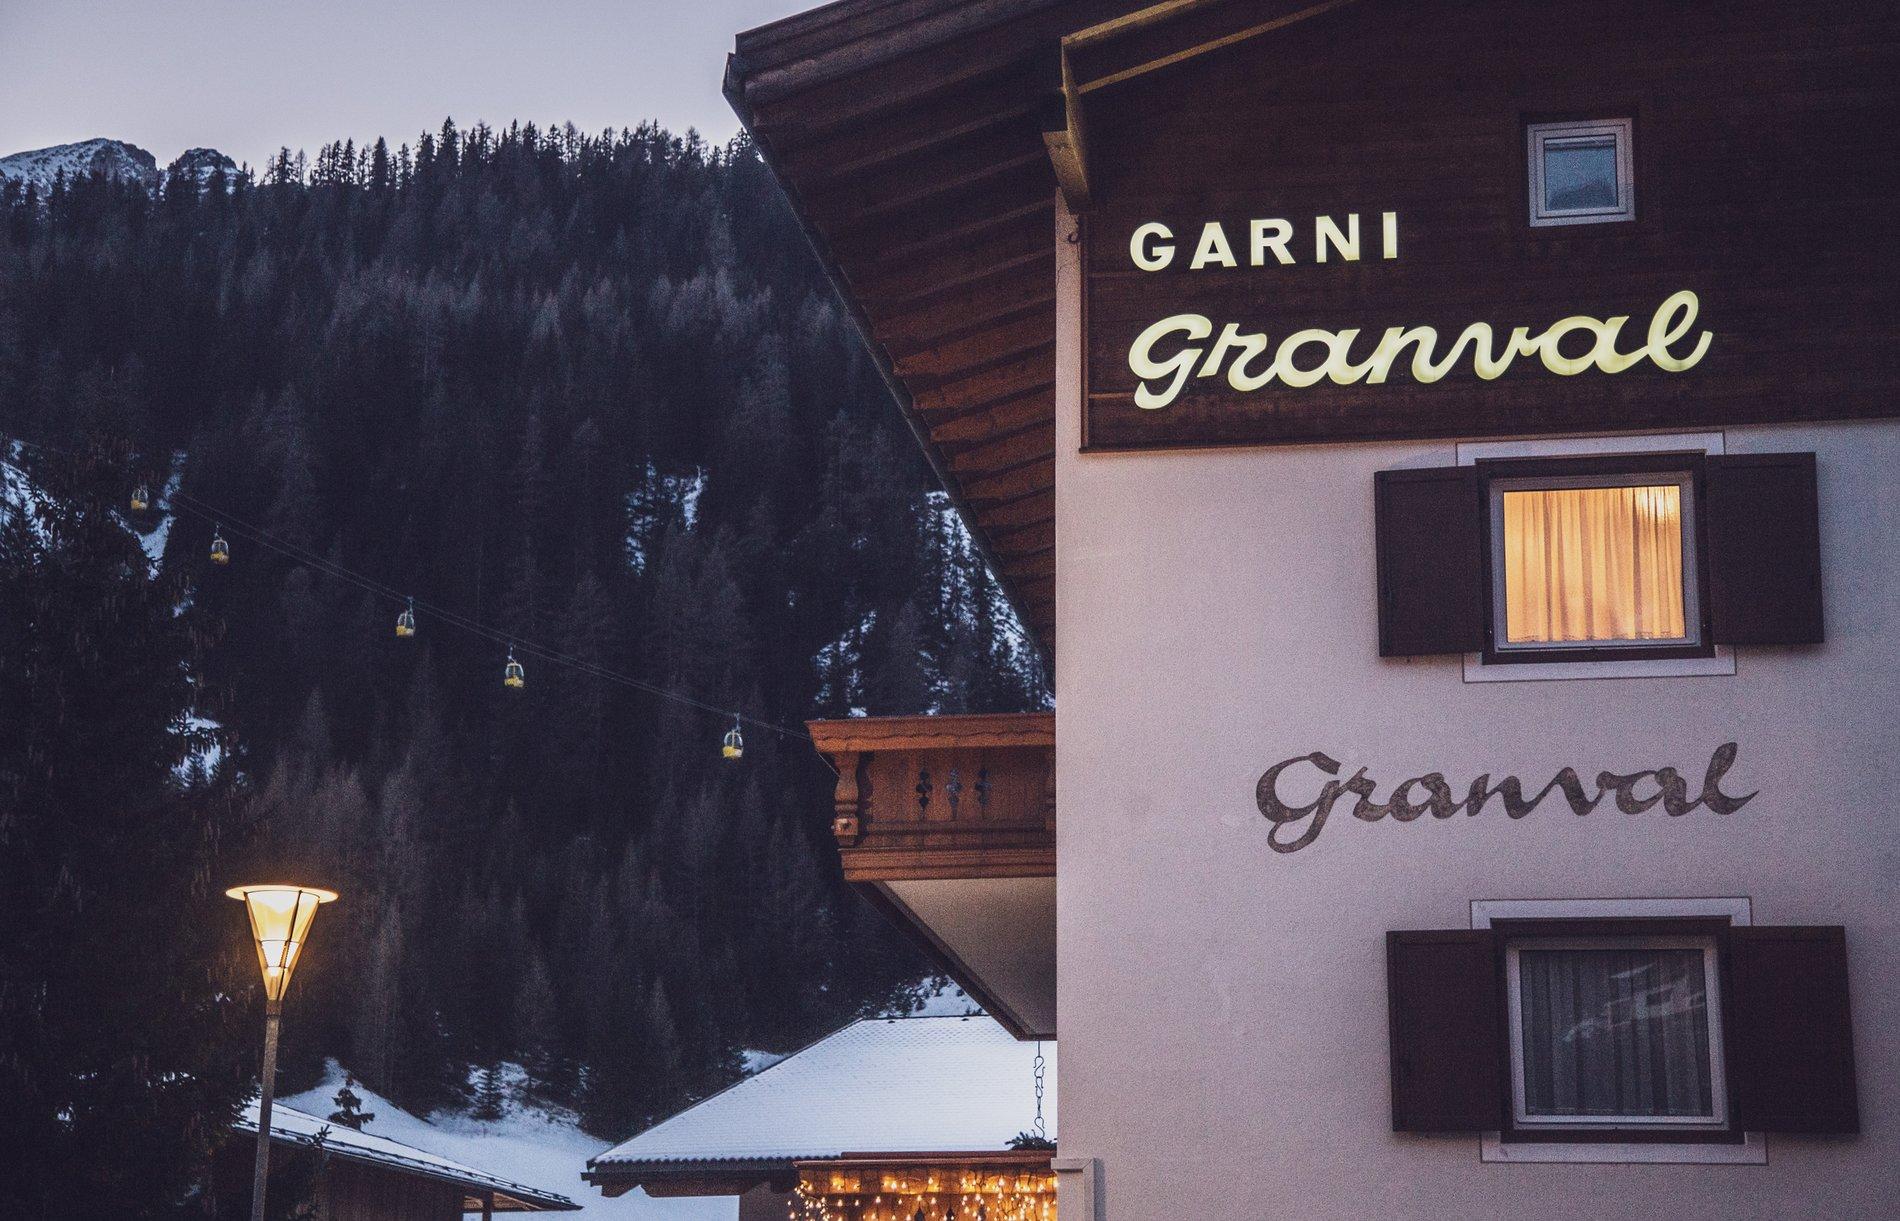 Garni Granval